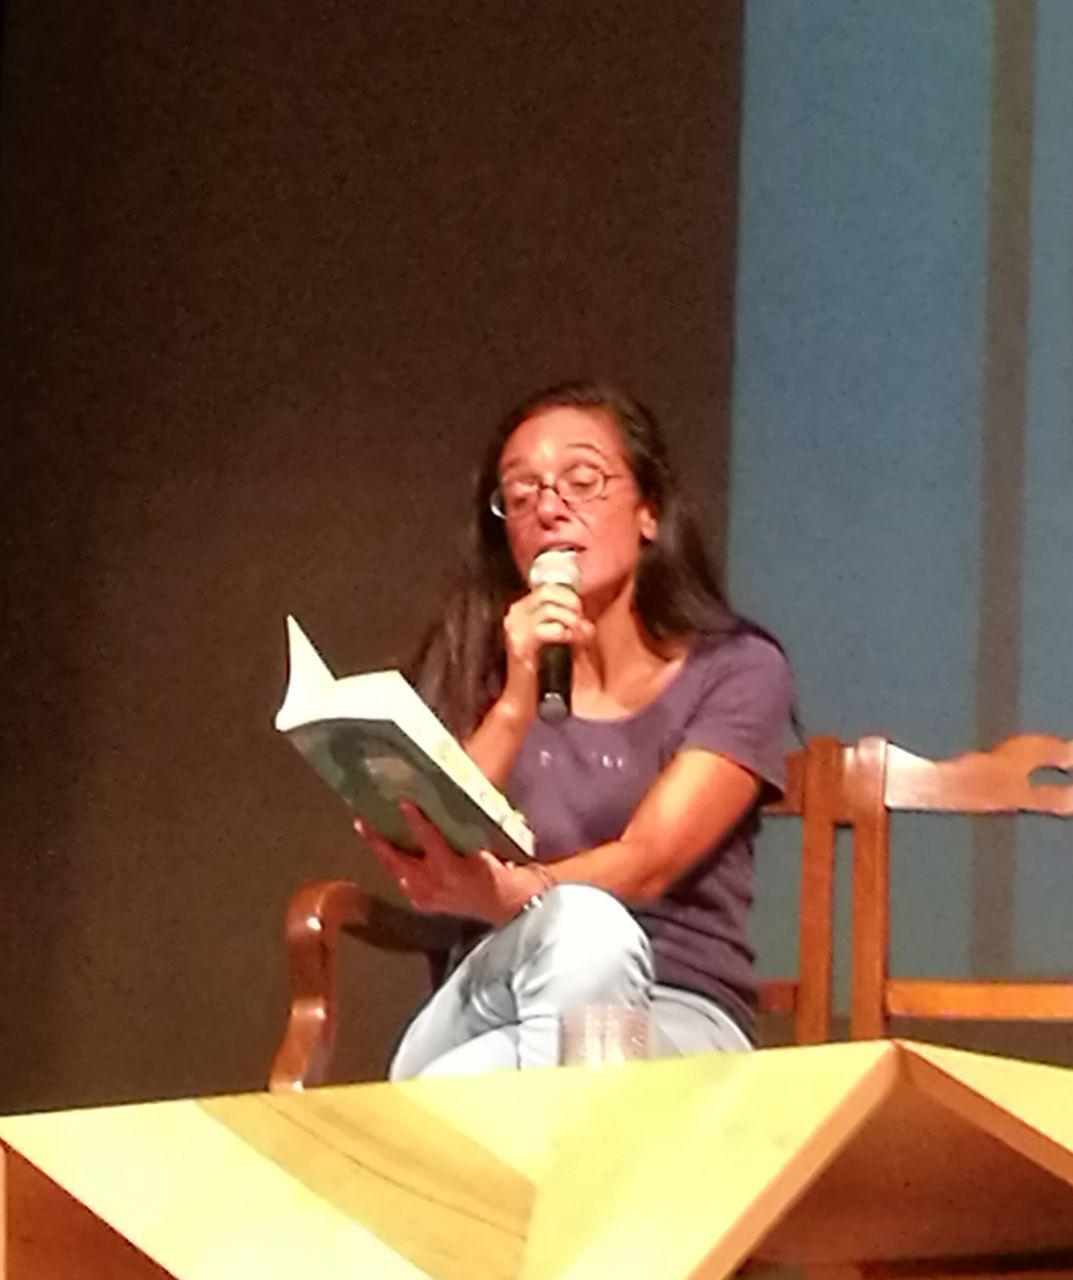 Michela Marzano Festival dell'autobiografia: ciò che resta è l'amore